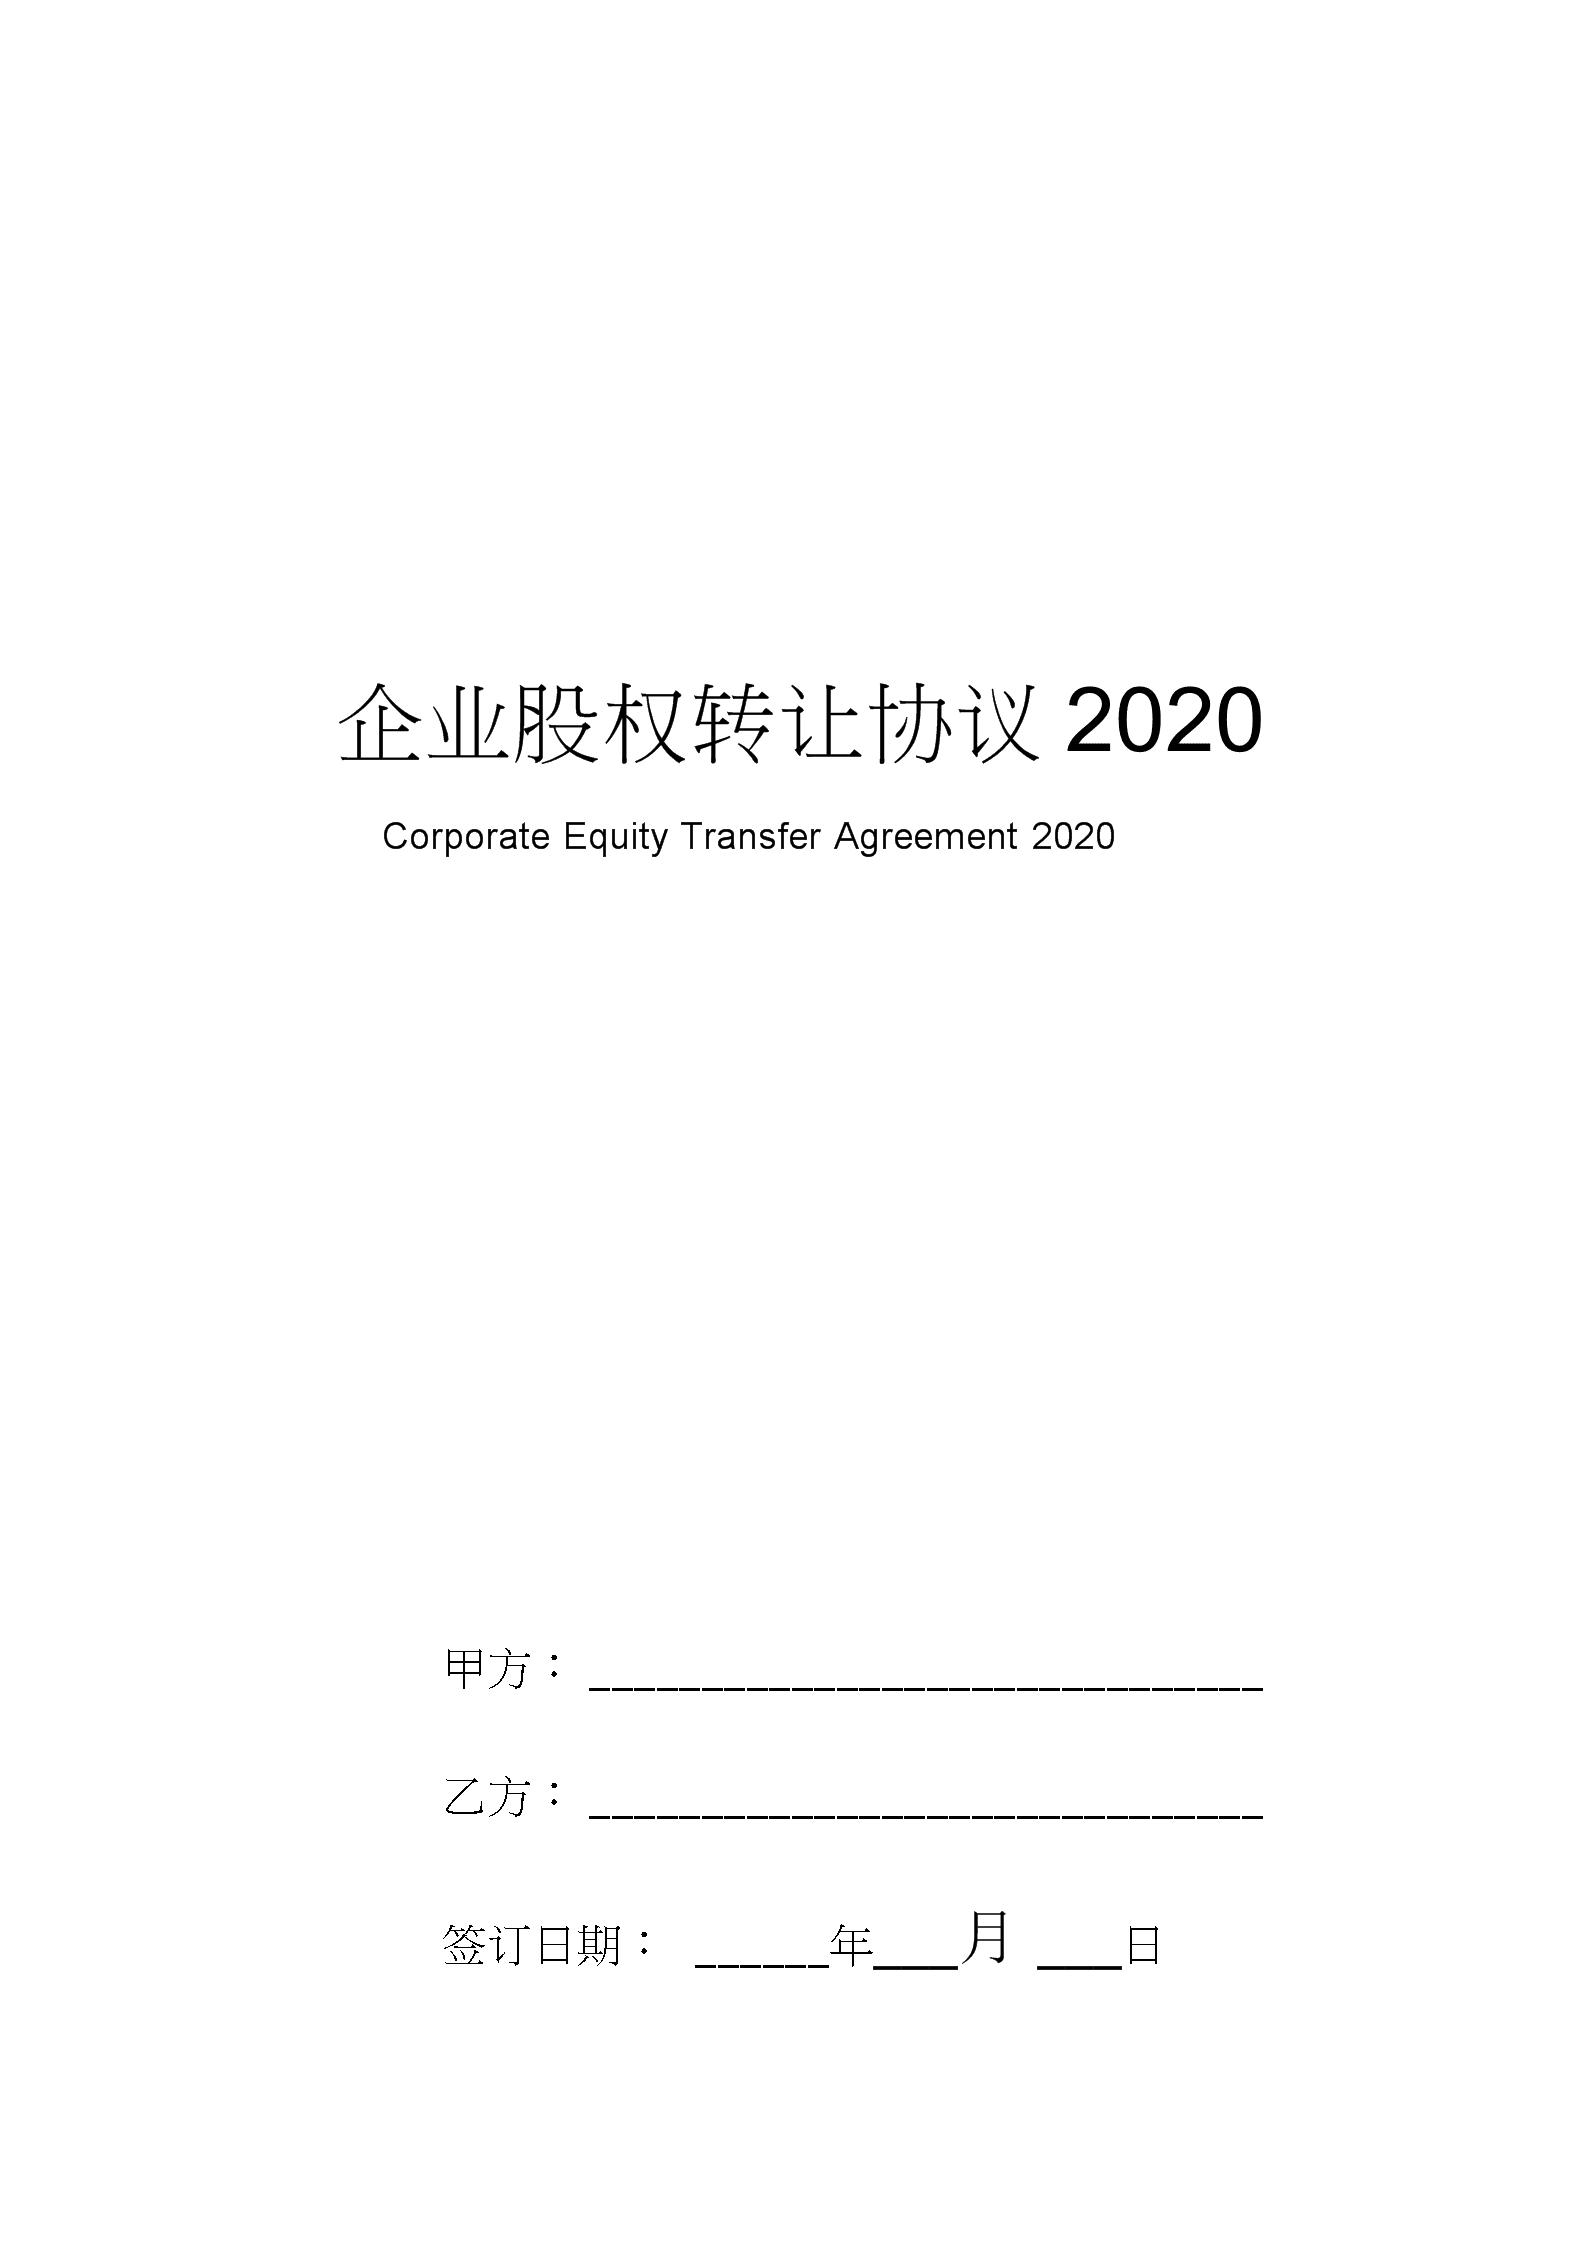 企业股权转让协议模板2020.docx